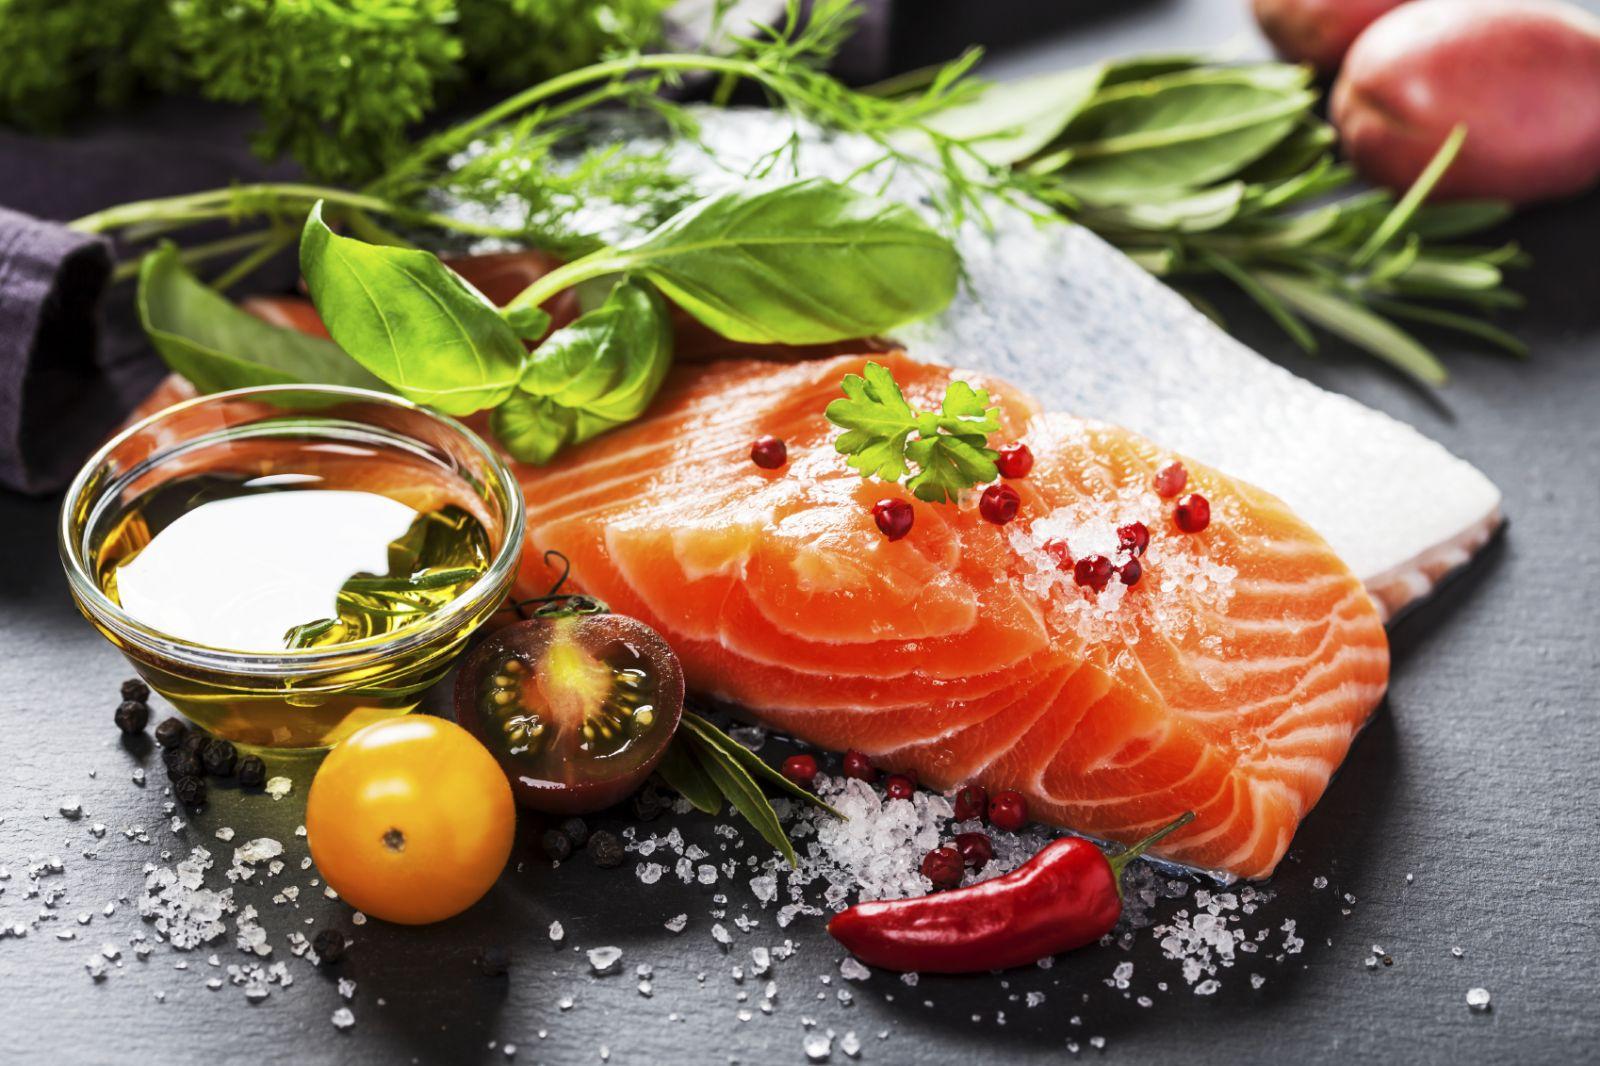 Mediterranean diet beats low-fat diet for long-term weight loss  thumbnail